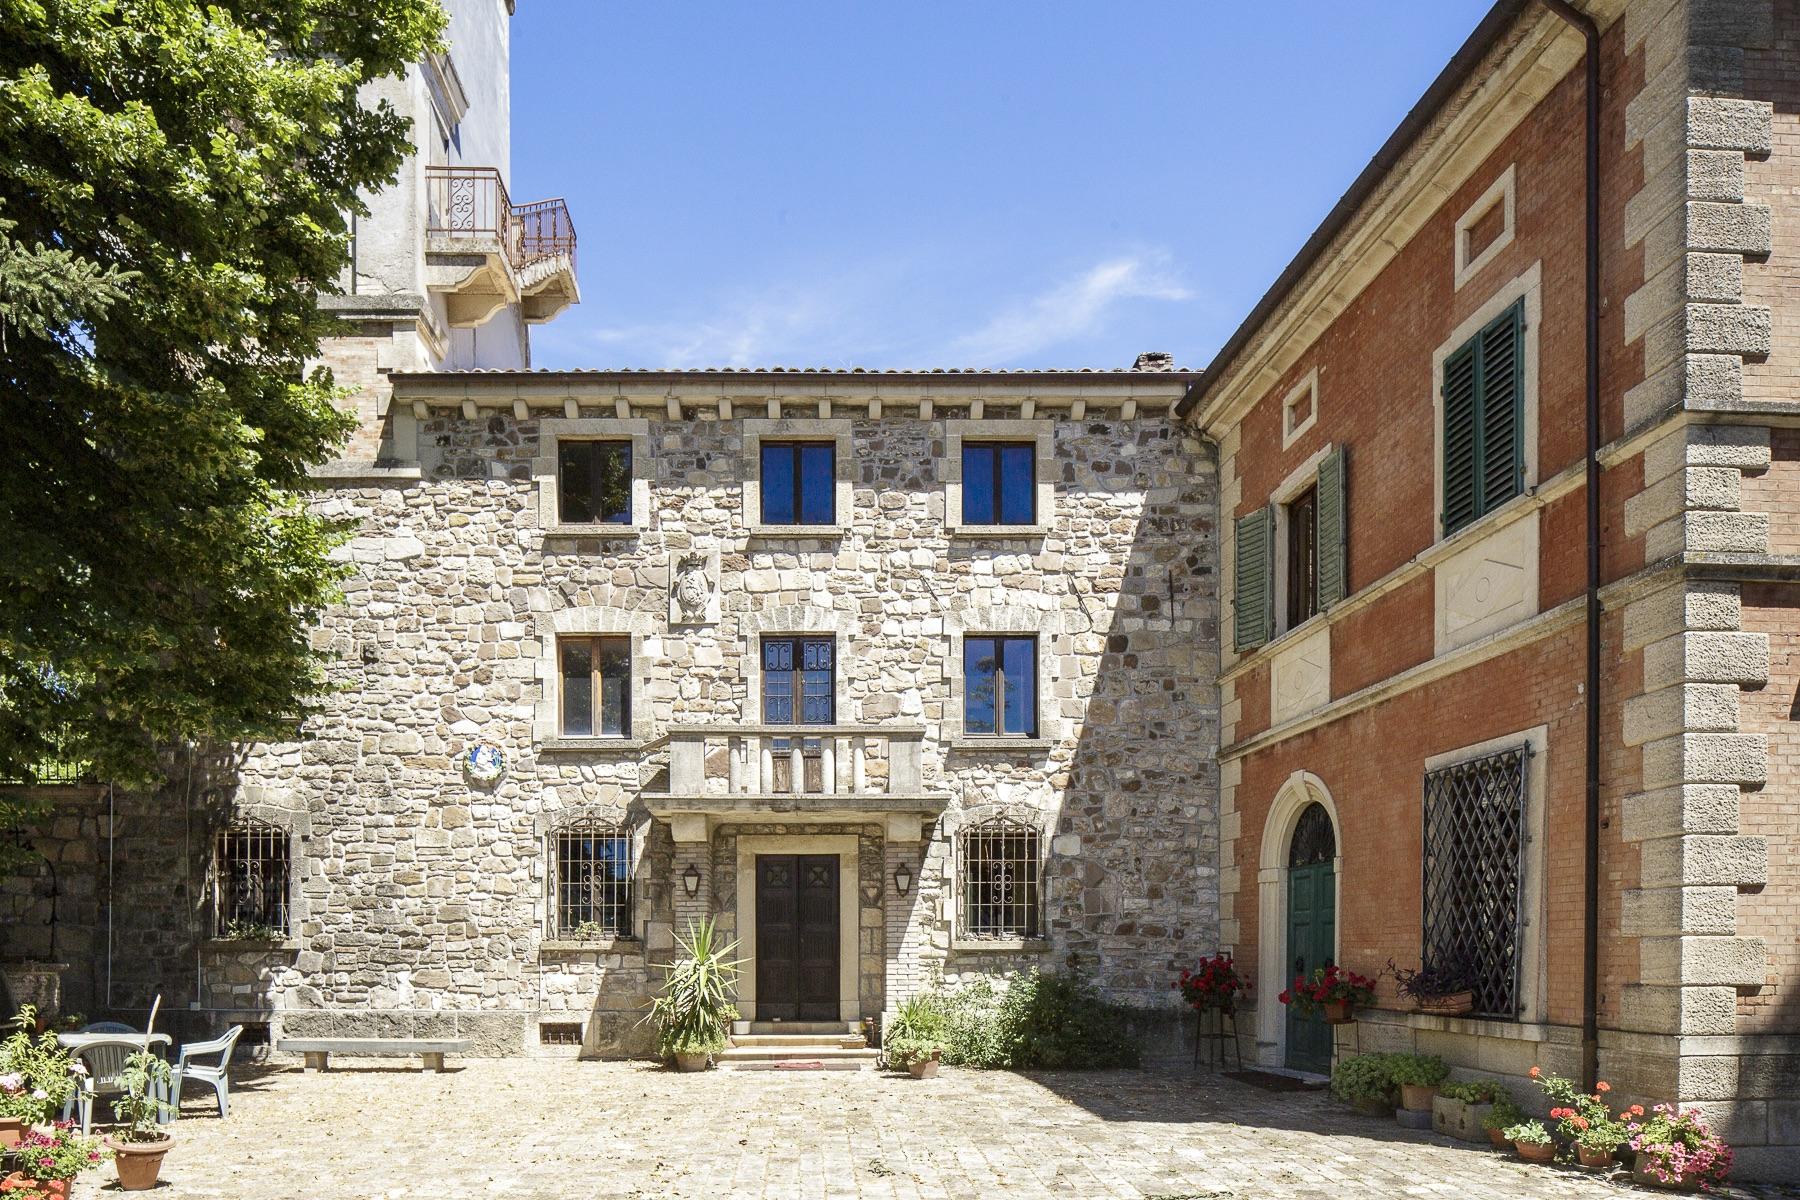 Single Family Home for Sale at Castel Monte, historic estate near San Marino Via Montemaggio Other Rimini, Rimini 47865 Italy